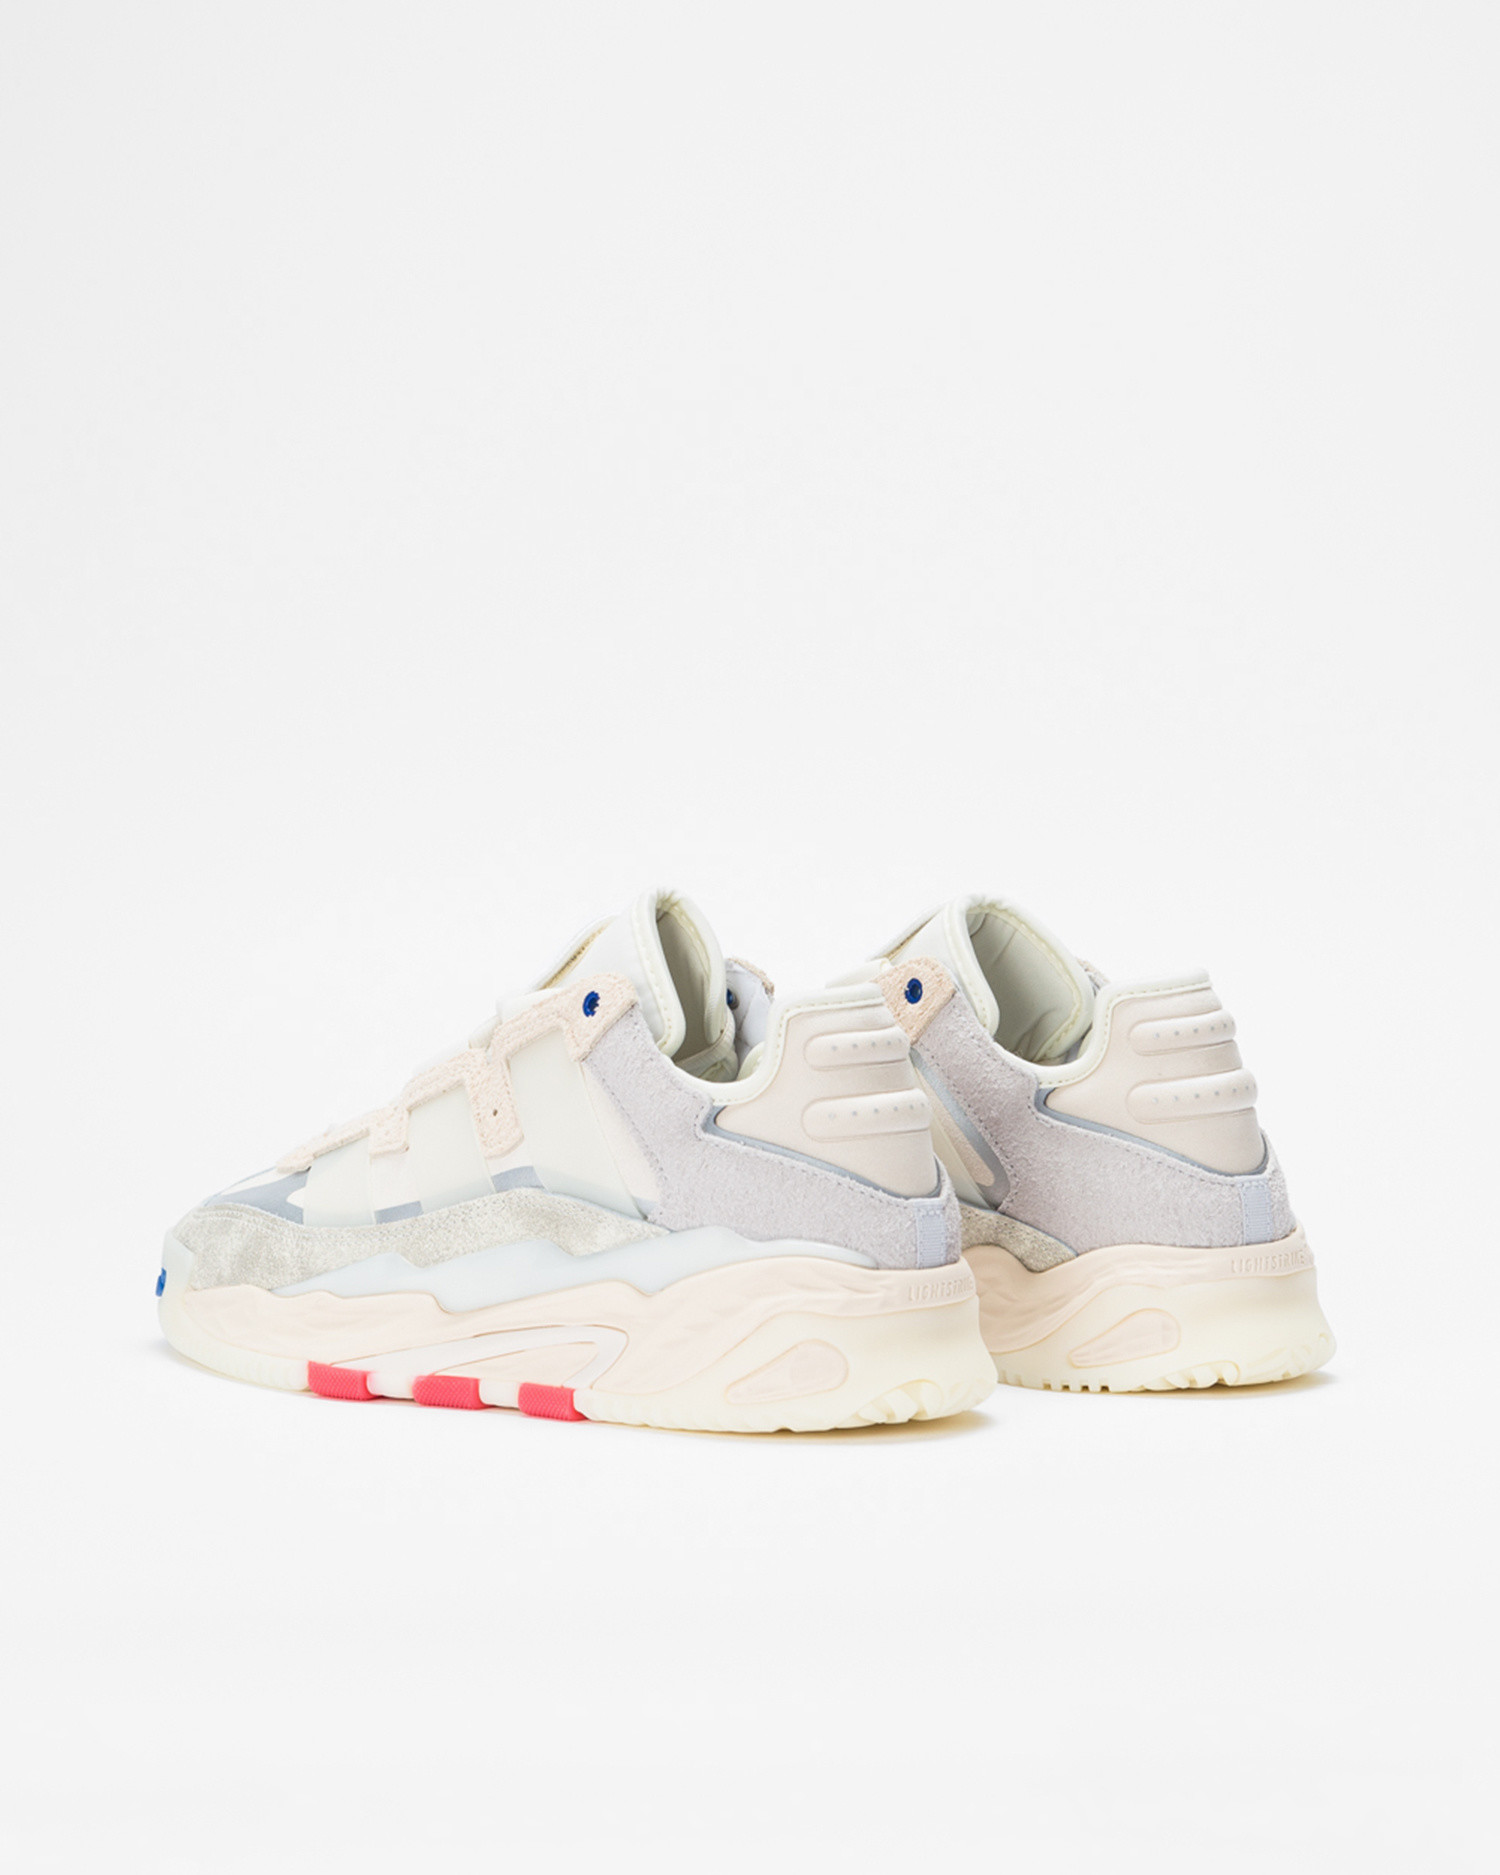 Adidas Niteball Cwhite/Greon